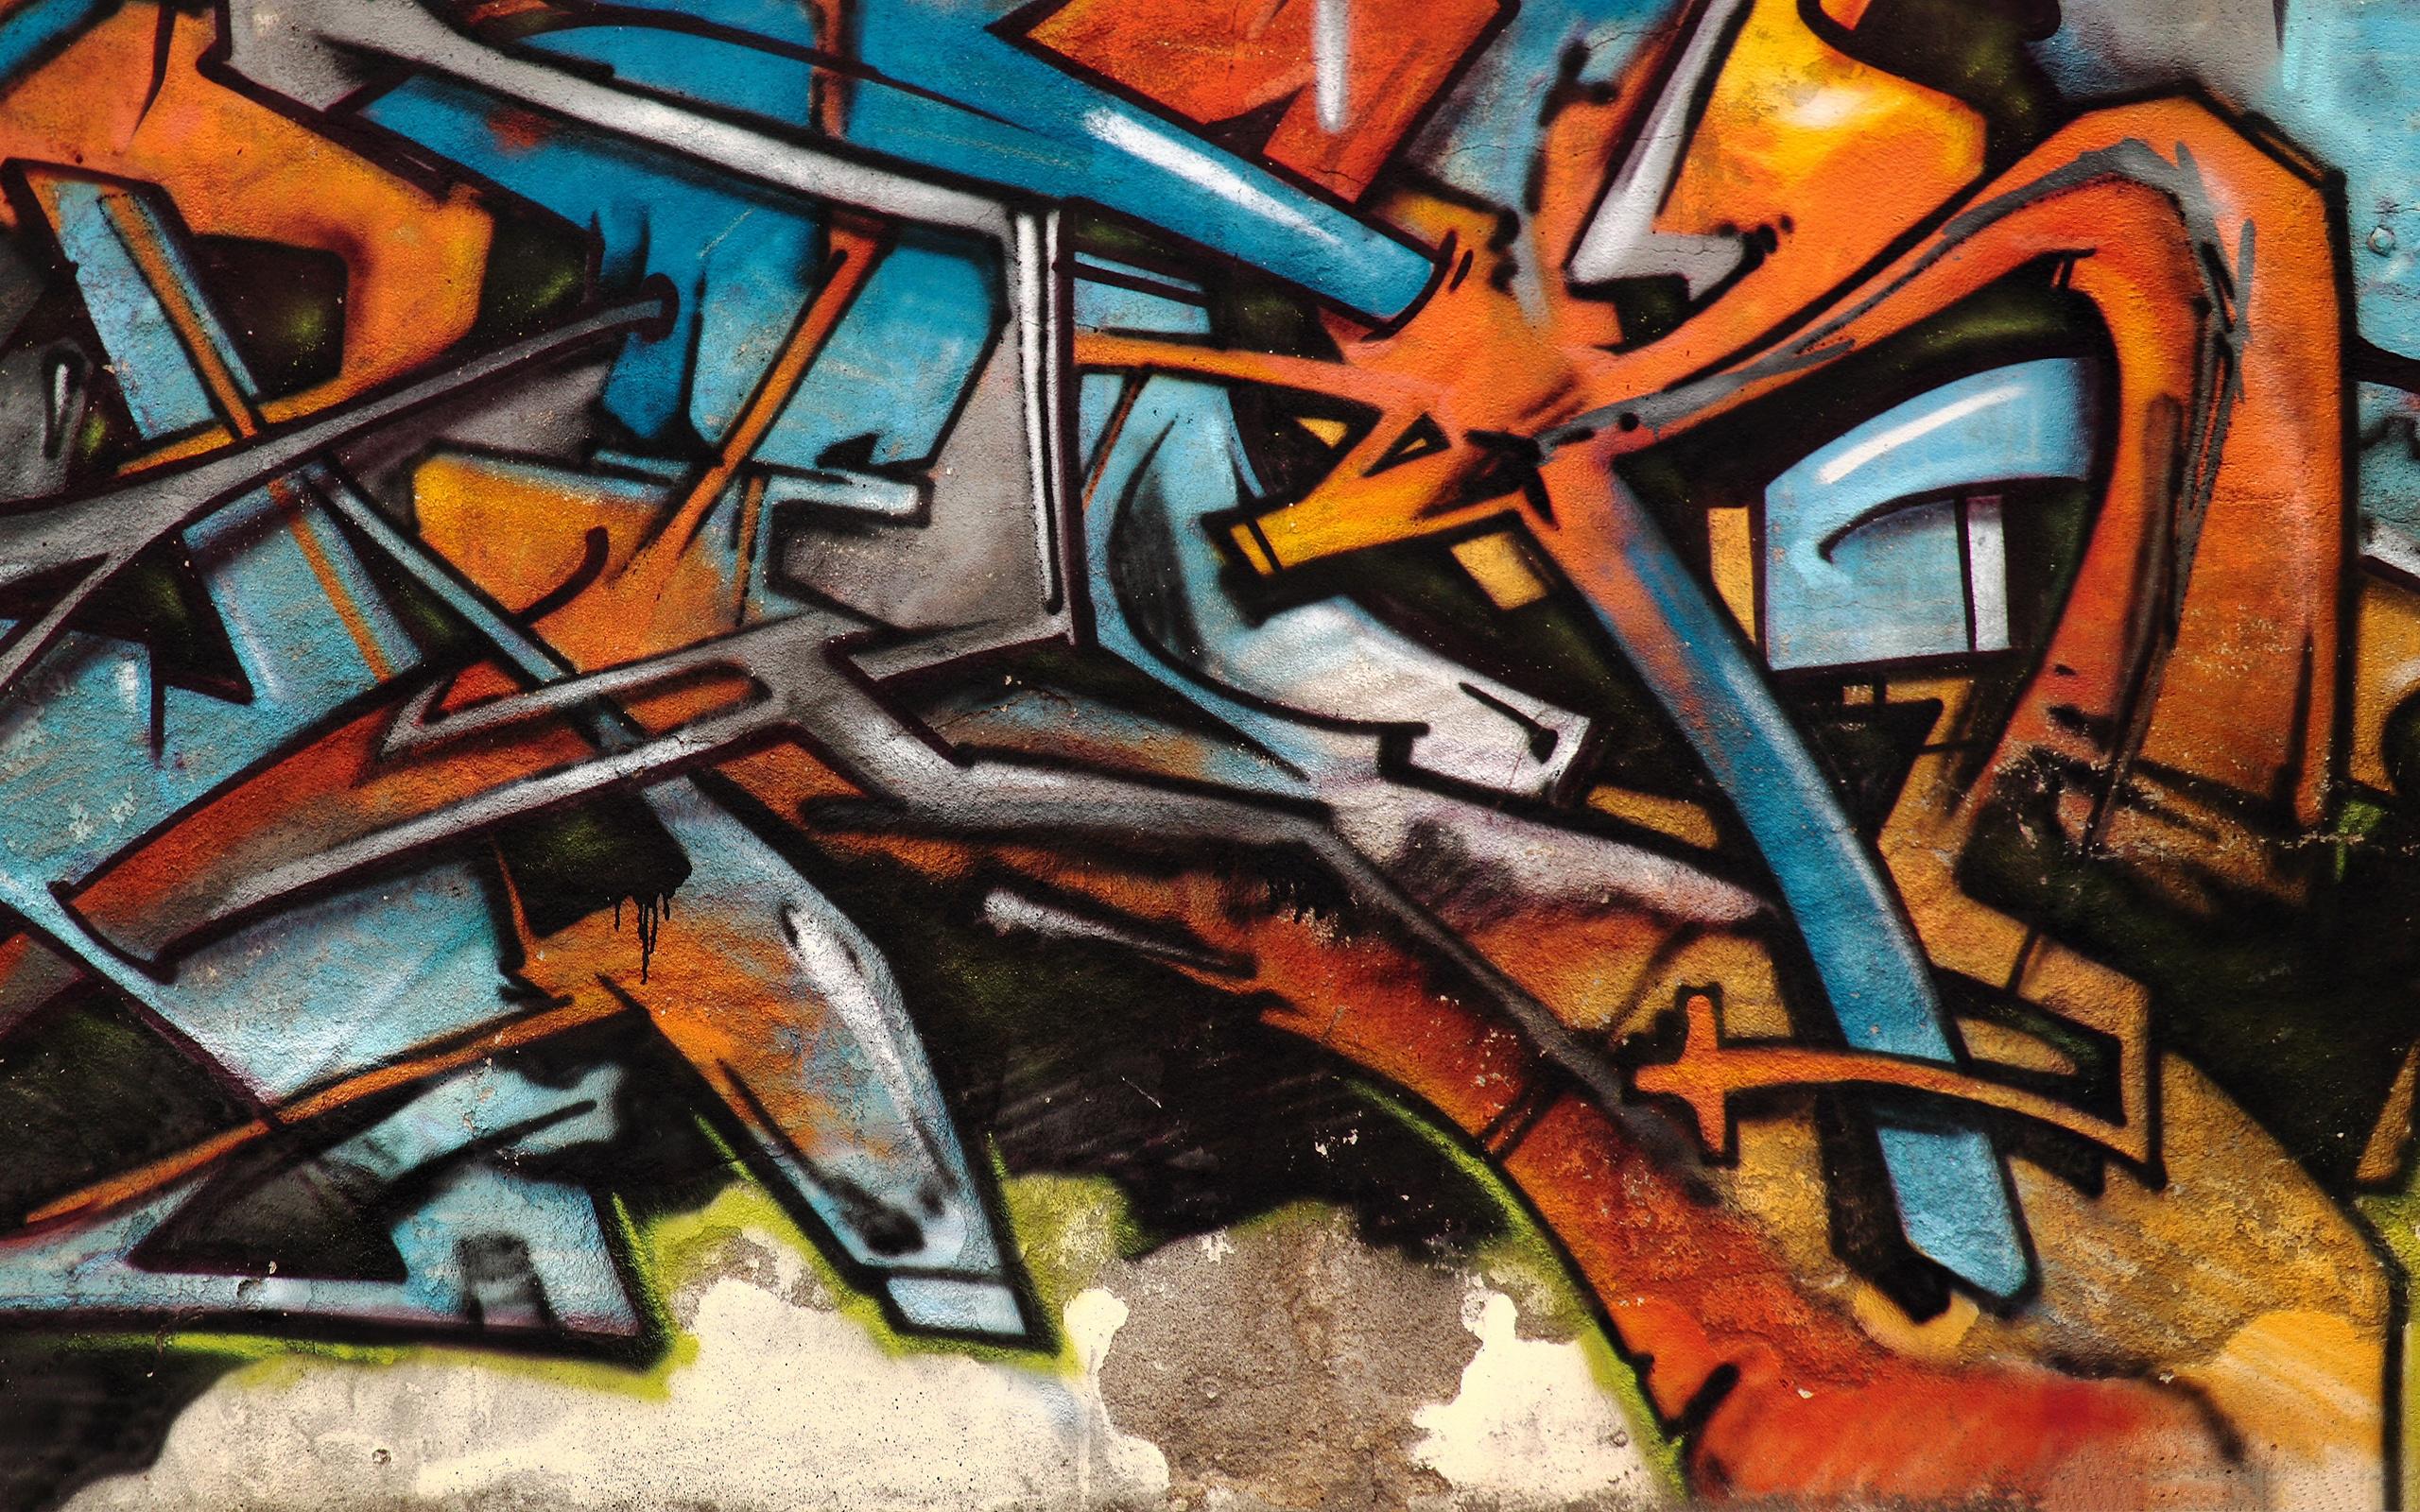 Graffiti art wallpaper - Graffiti 3